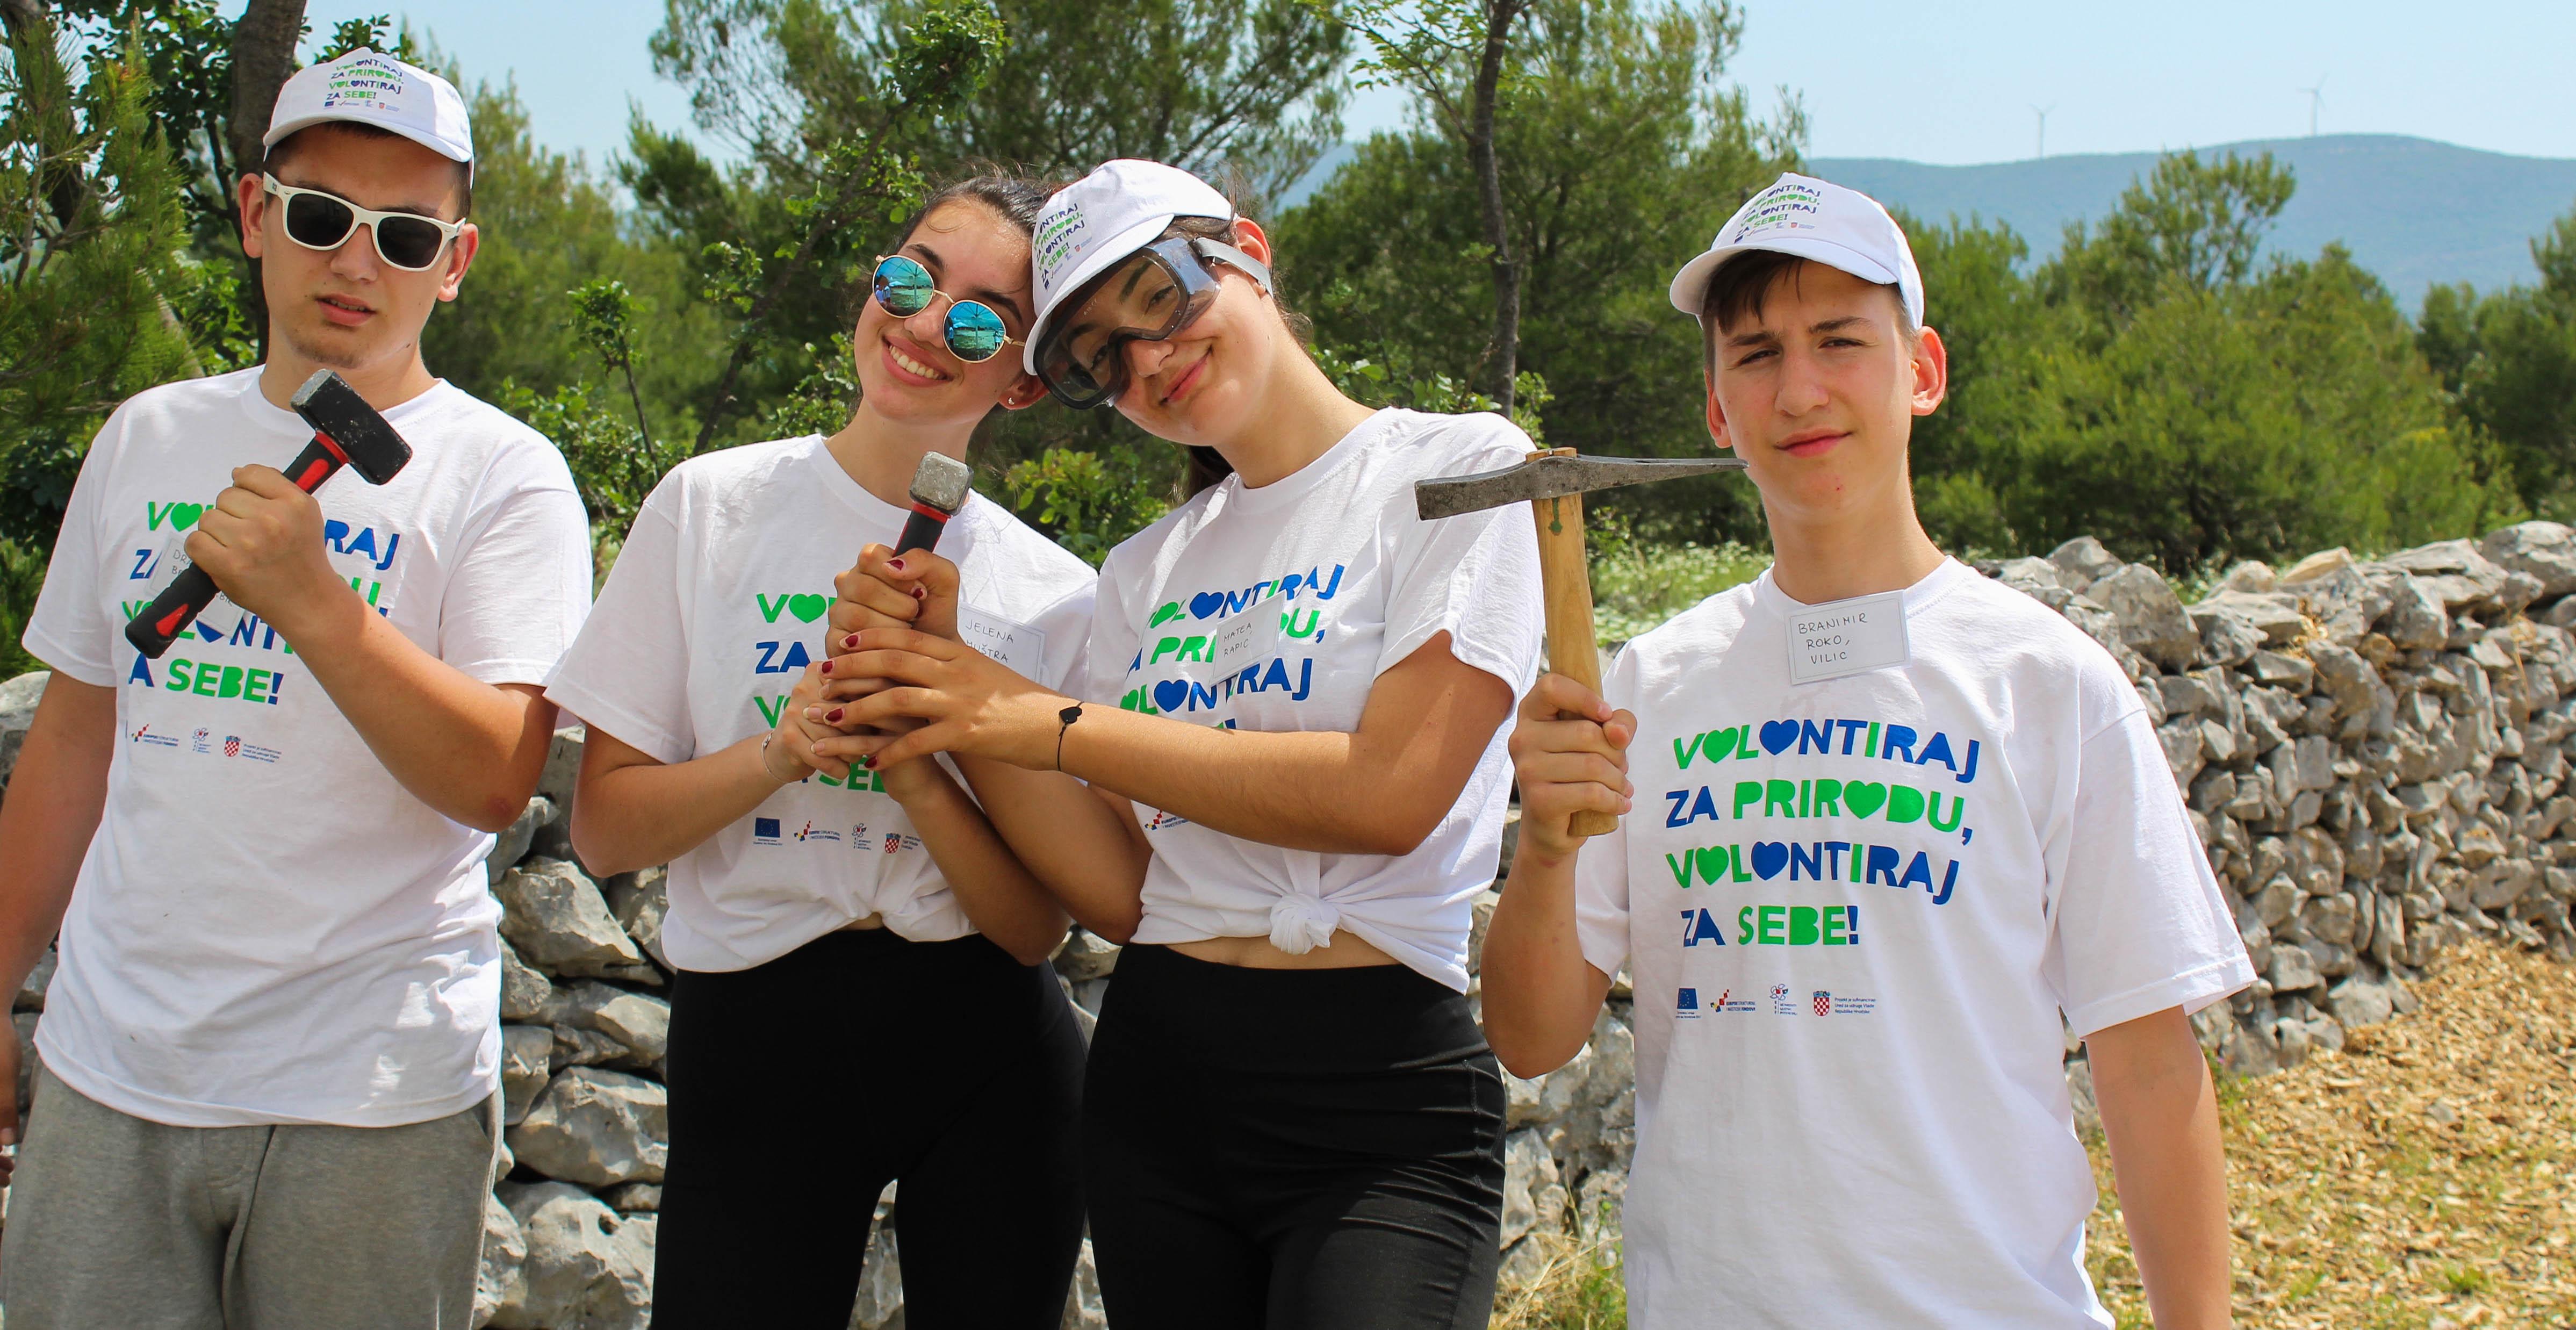 """Mladi učenici volonteri obnovili 100 metara suhozida na ulazu u NP """"Krka"""""""